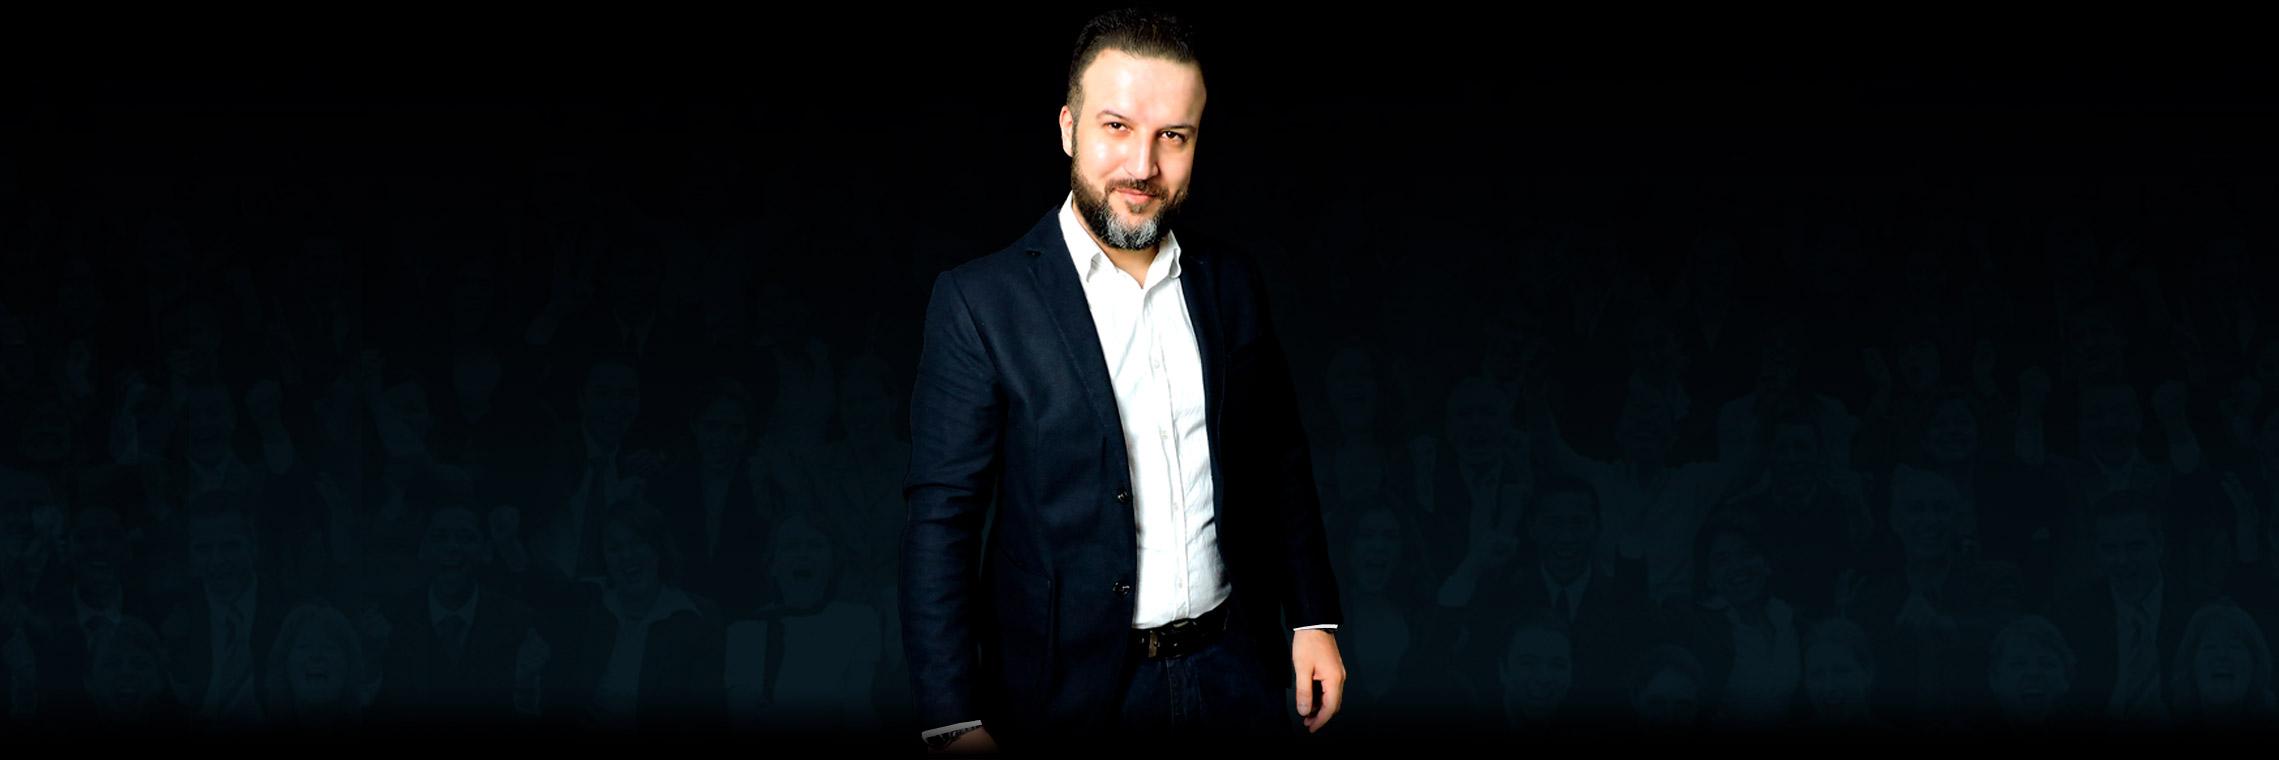 Alexsandro Kingmaker, através da Consultoria Premium, atende empresas e profissionais do mercado de alto padrão